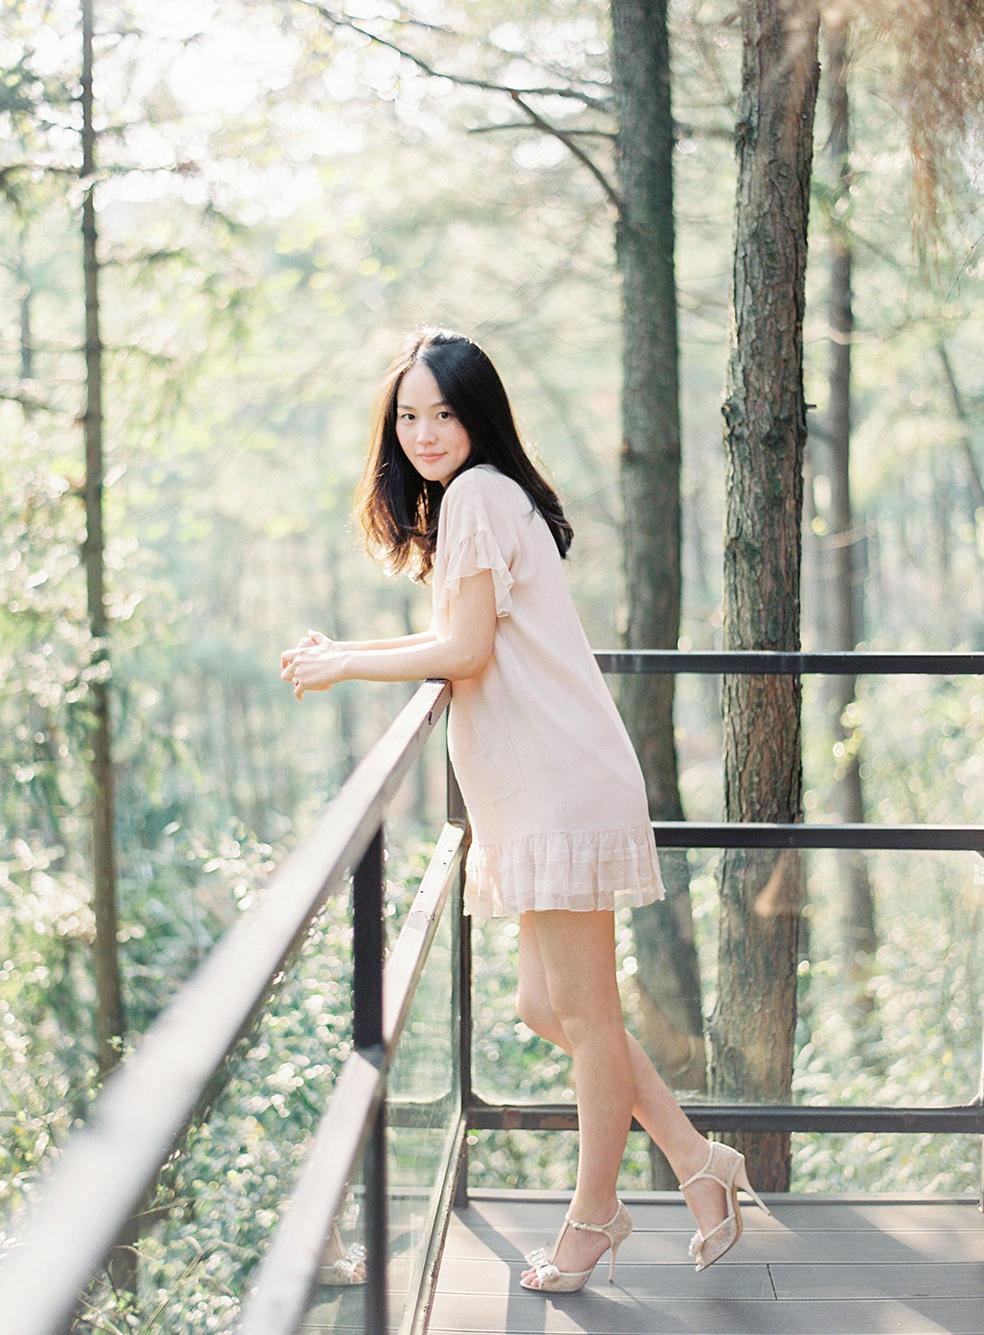 nastiavesna_china_27.jpg